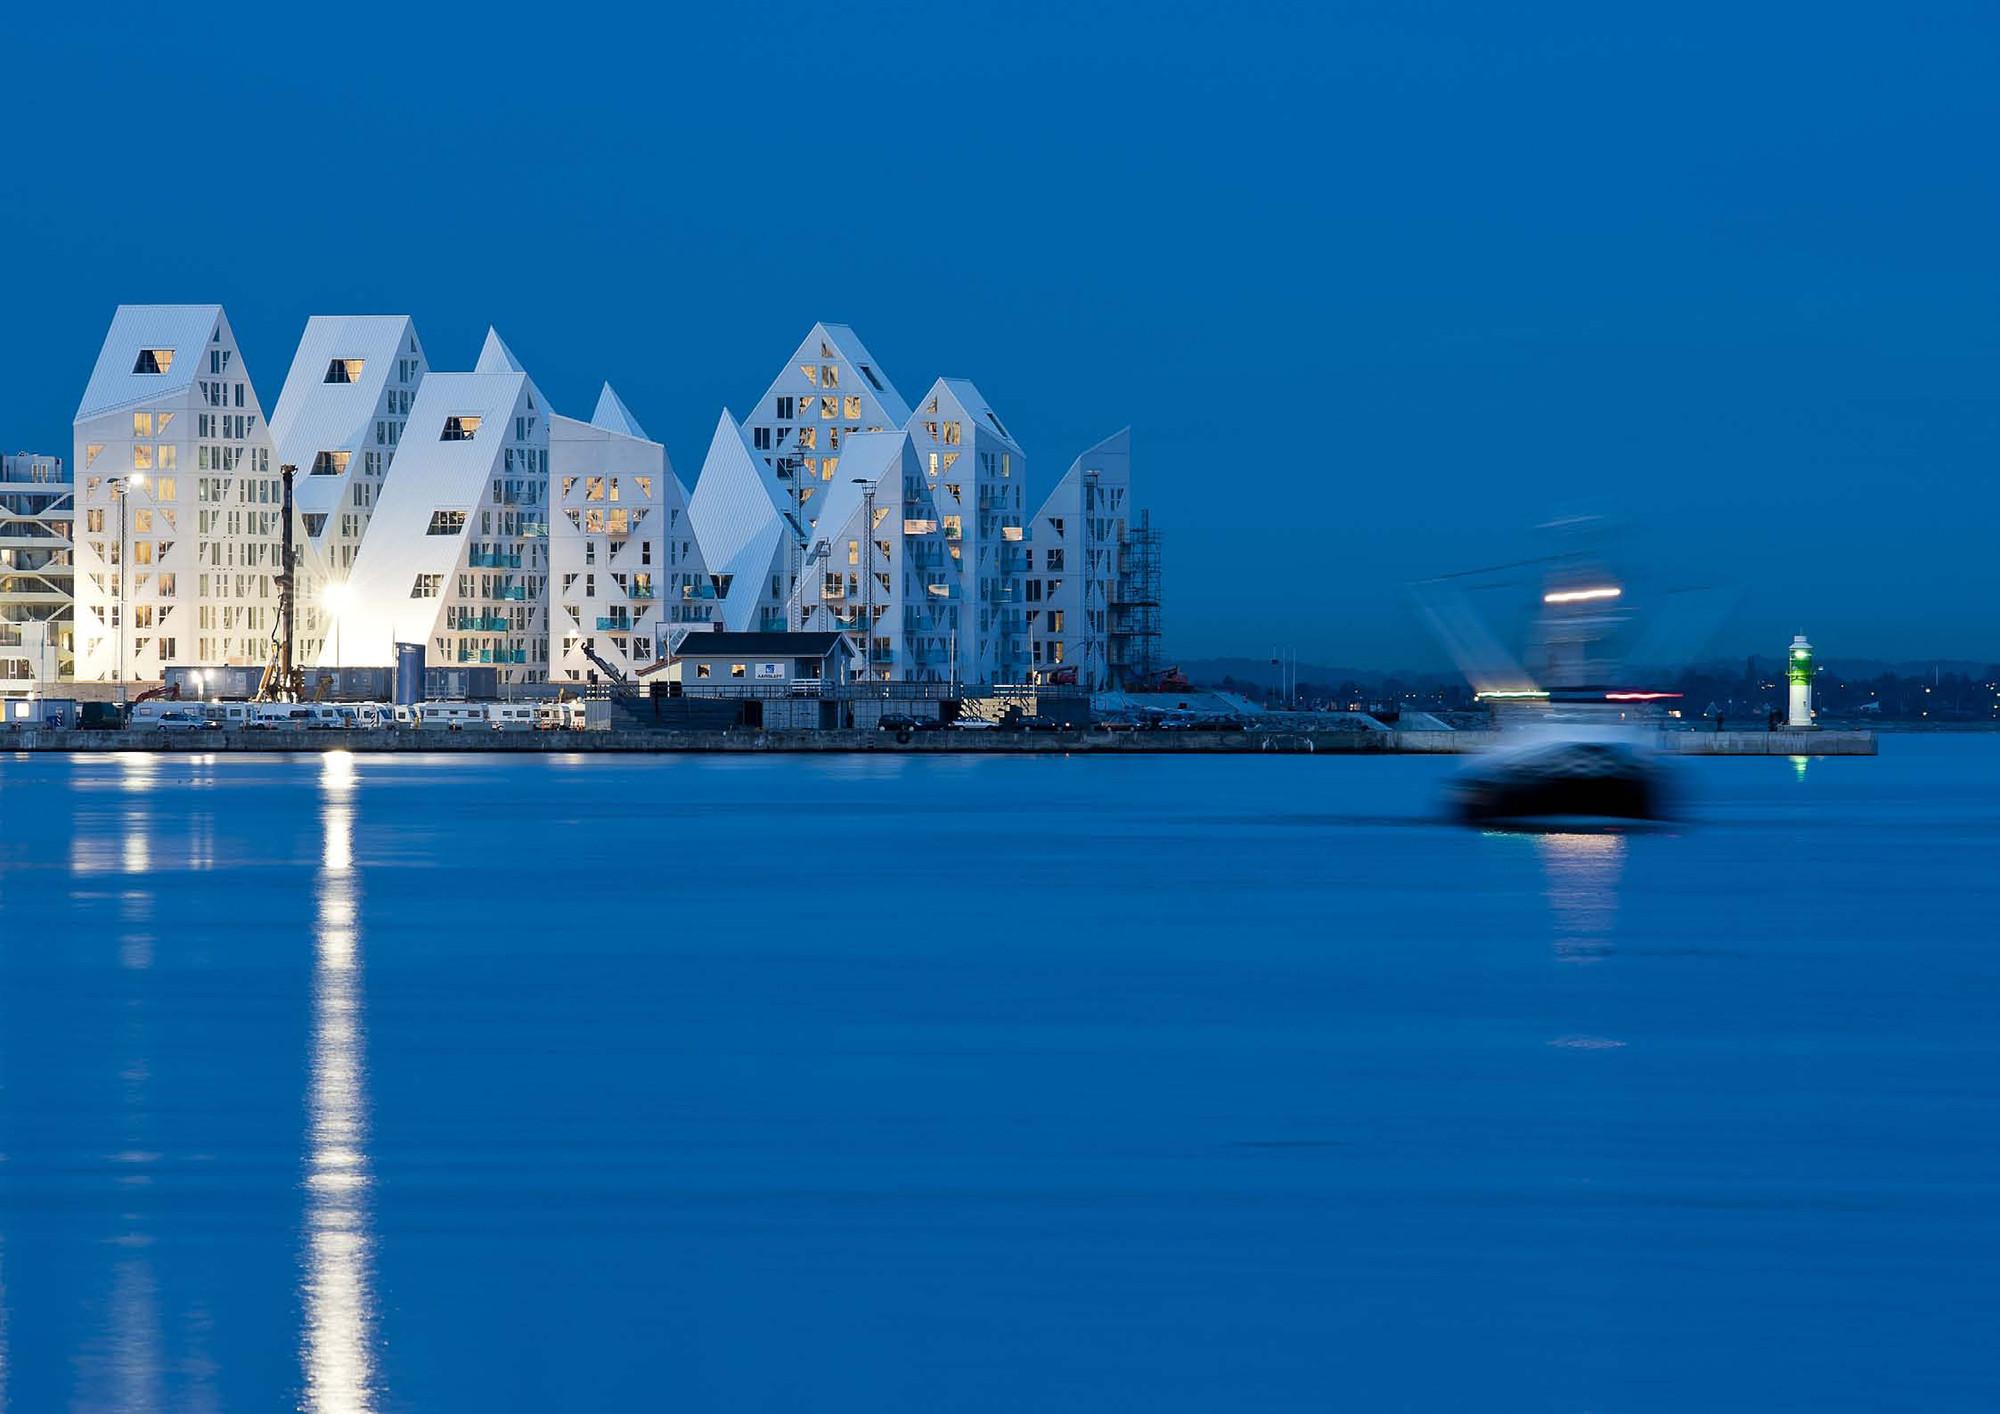 Isbjerget / The Iceberg